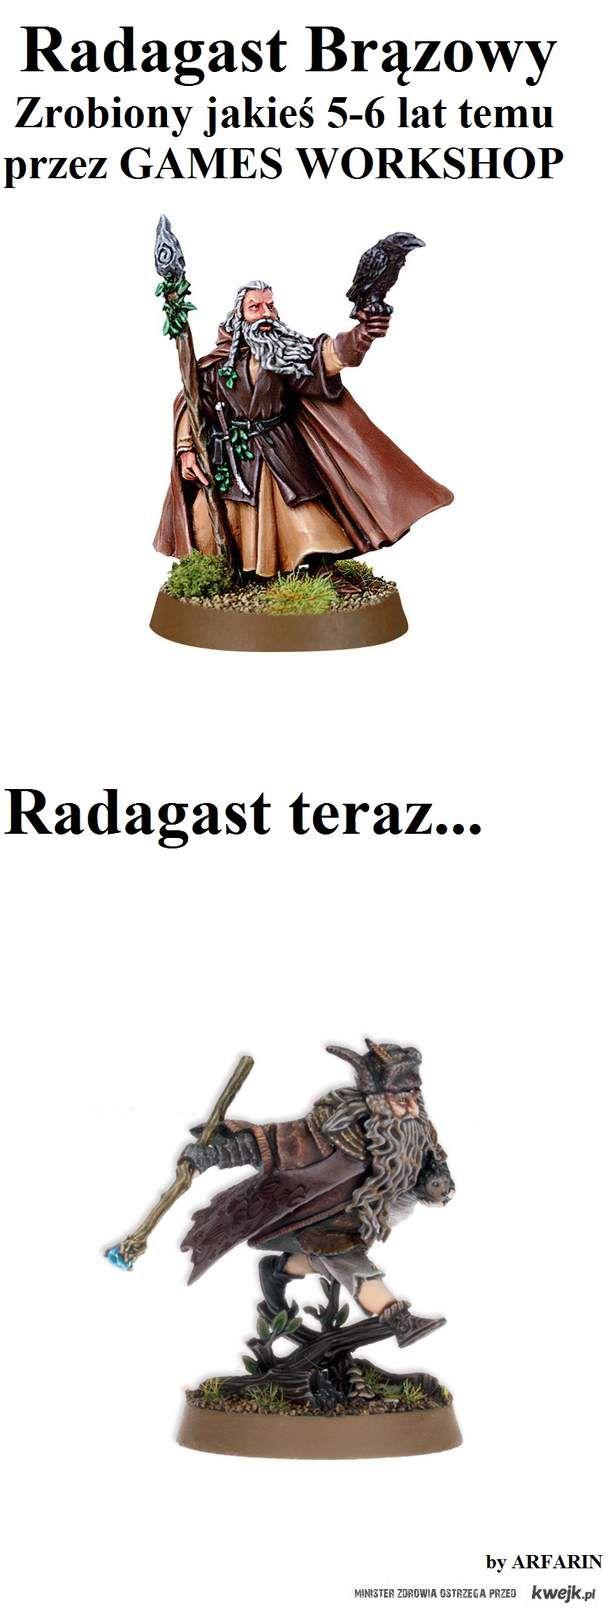 Wolę pierwszą wersję Radagasta :(